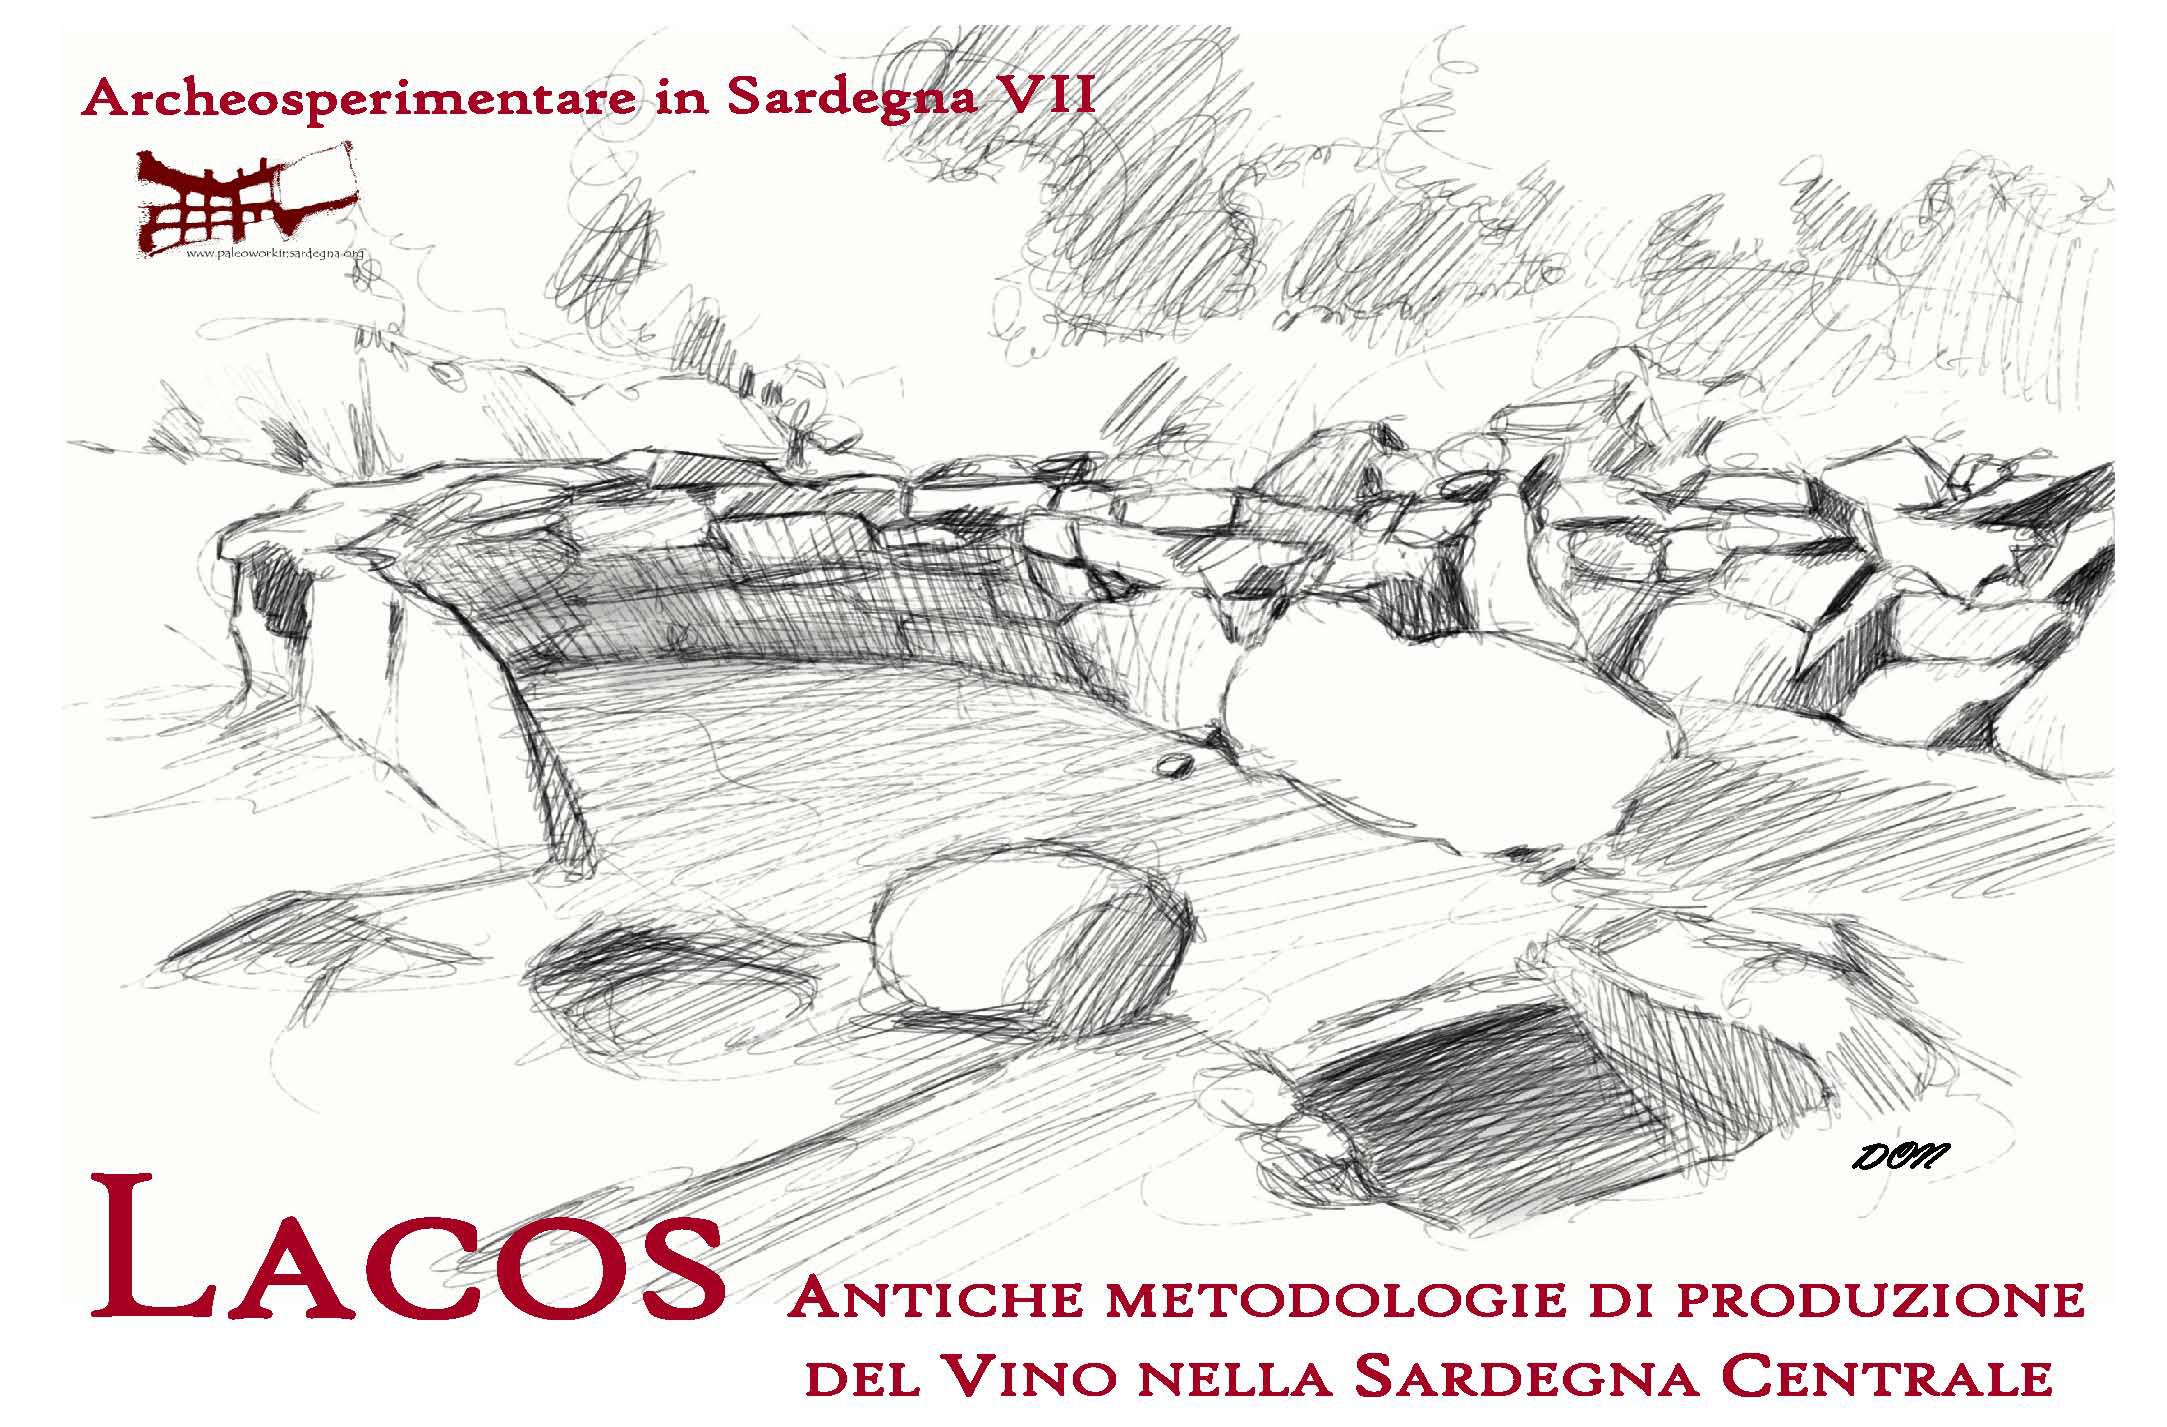 Lacos Archeosperimentare in Sardegna